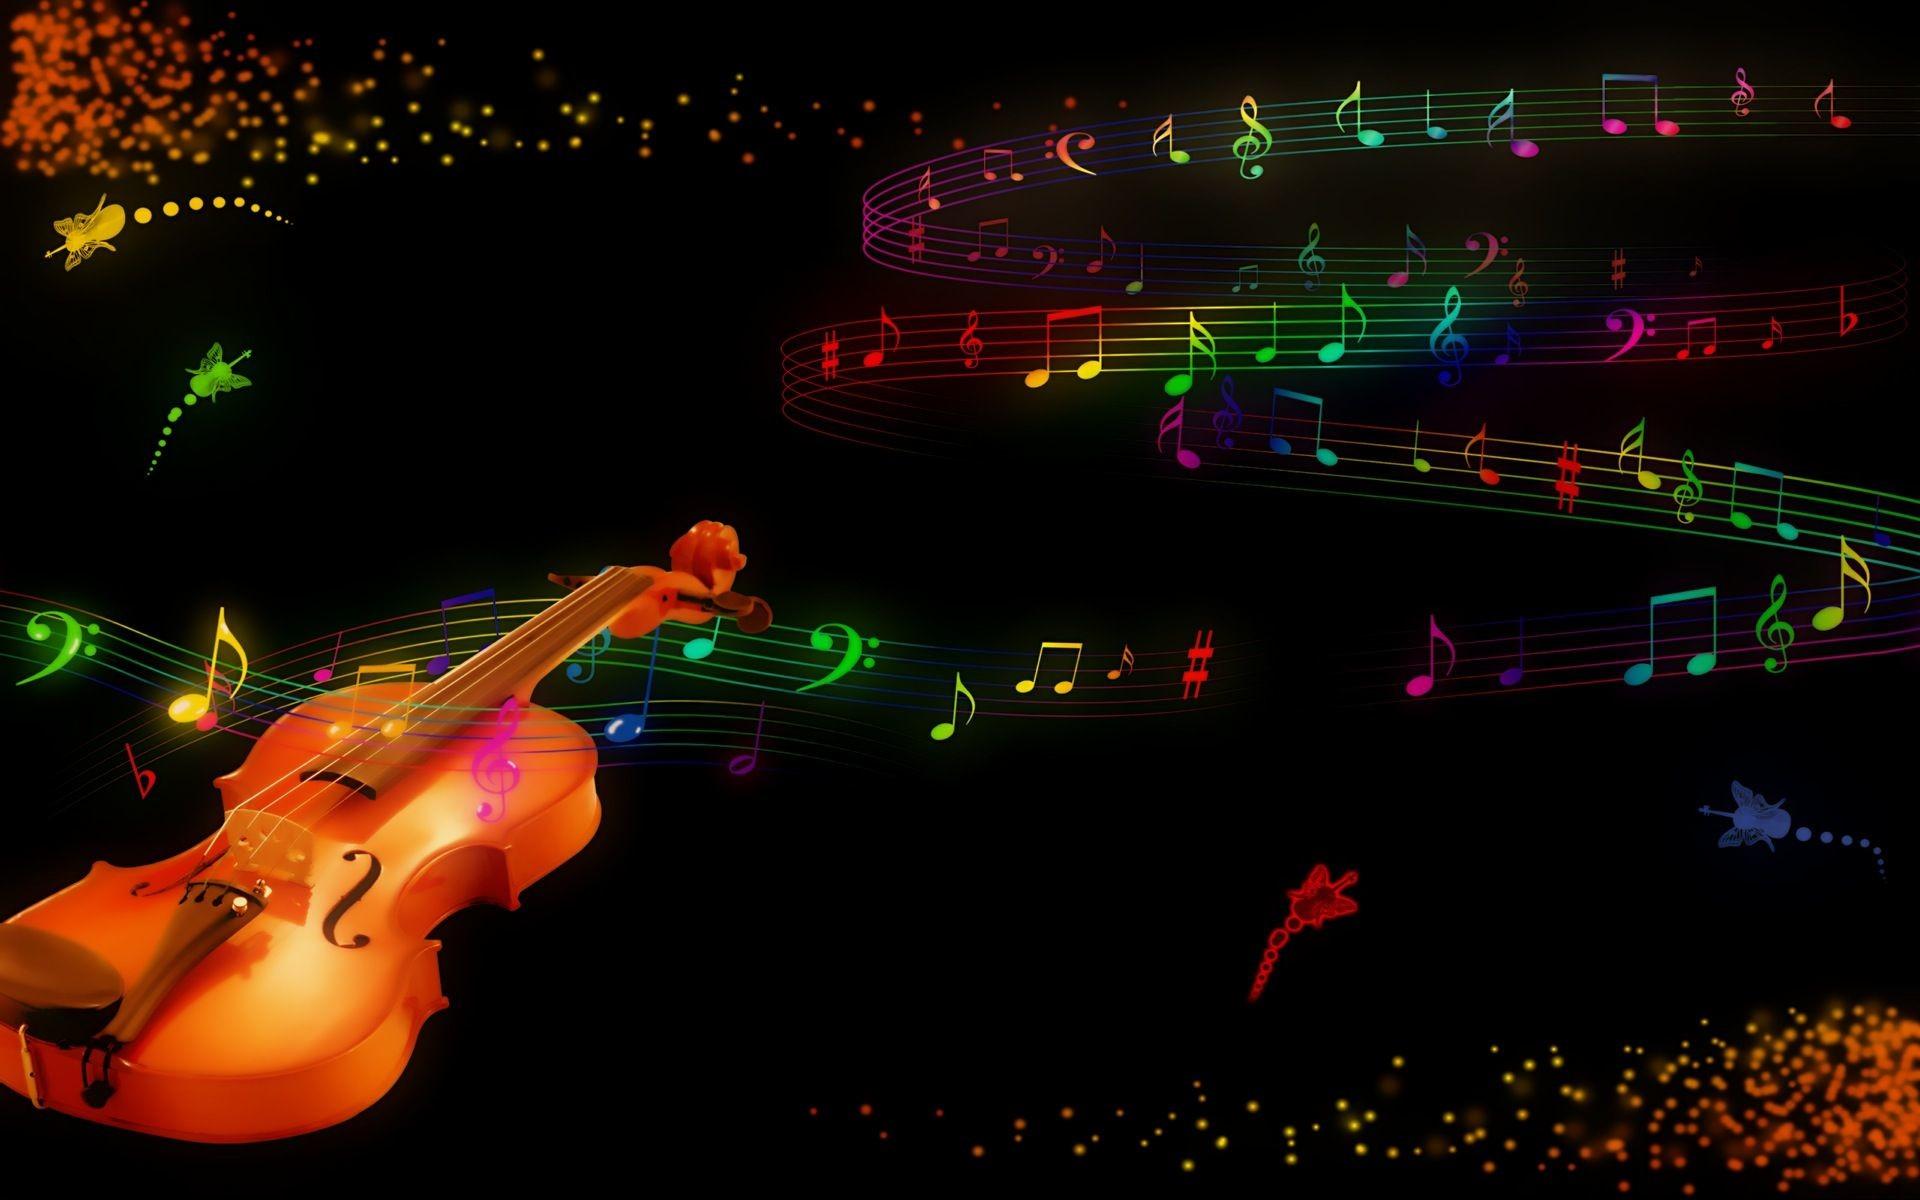 Wallpaper Music Best Cool Wallpaper HD Download 1366×768 3D Wallpapers  Music (61 Wallpapers